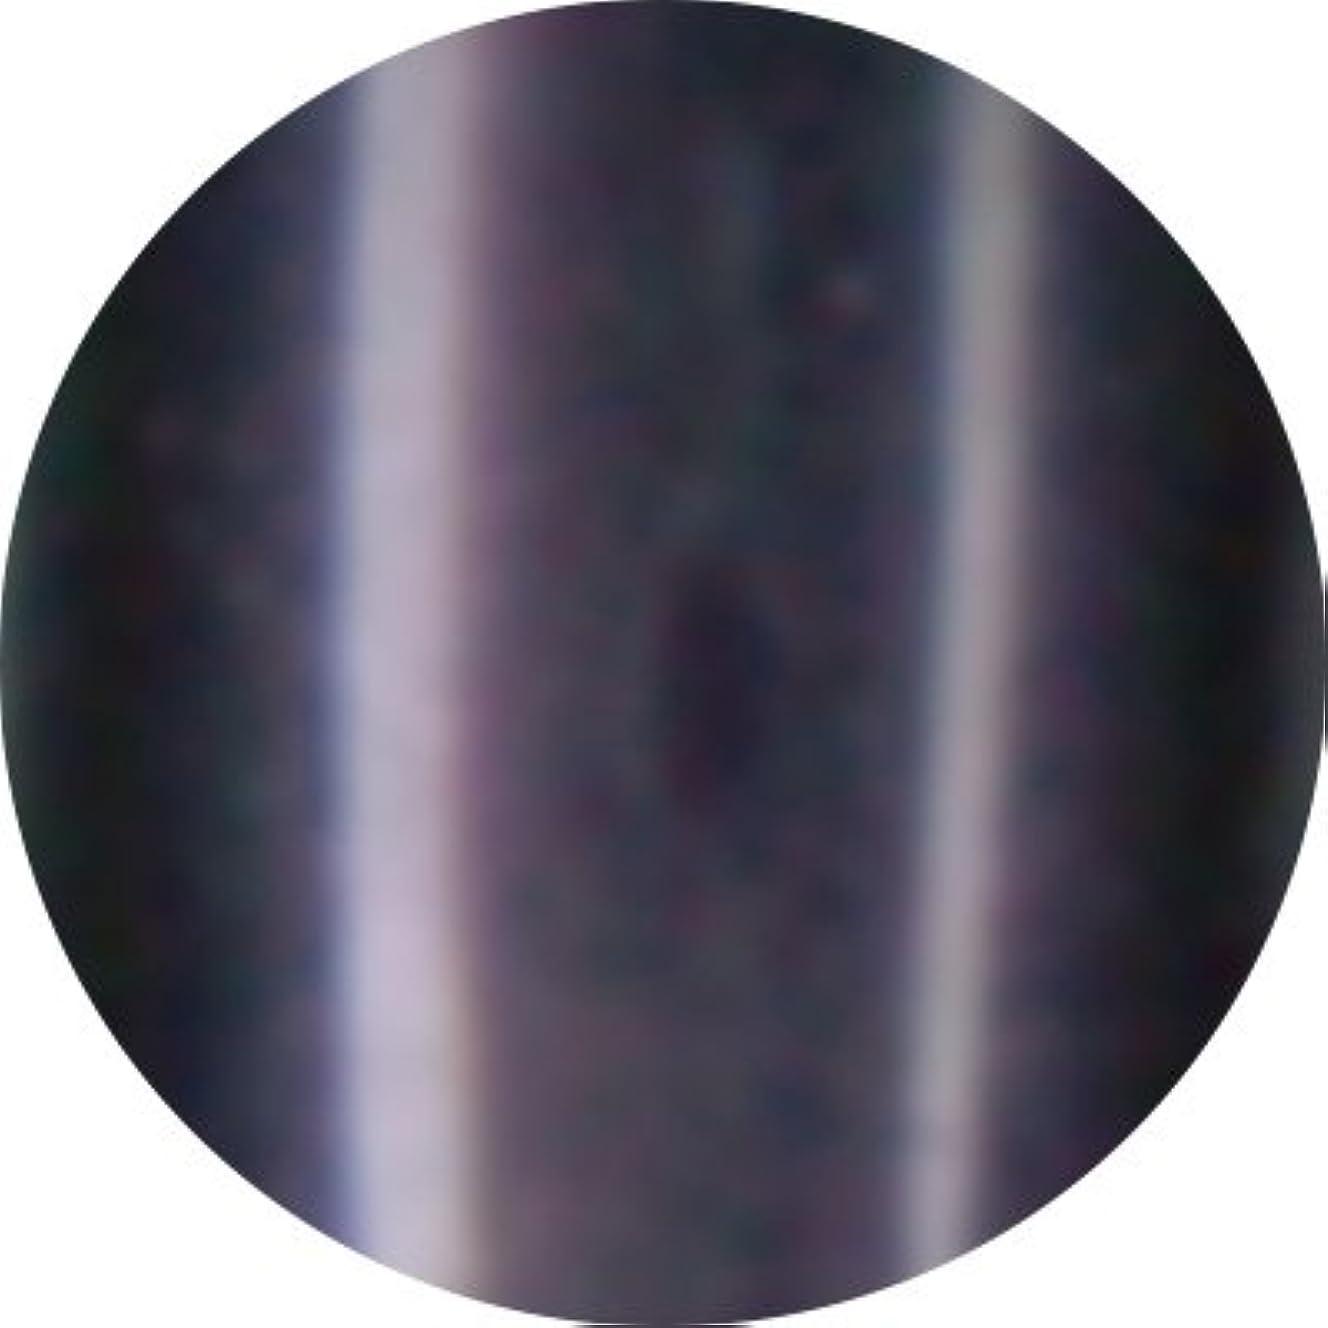 ブランデーポケットサドルJewelry jel(ジュエリージェル) カラージェル 5ml<BR>メタリック MT037